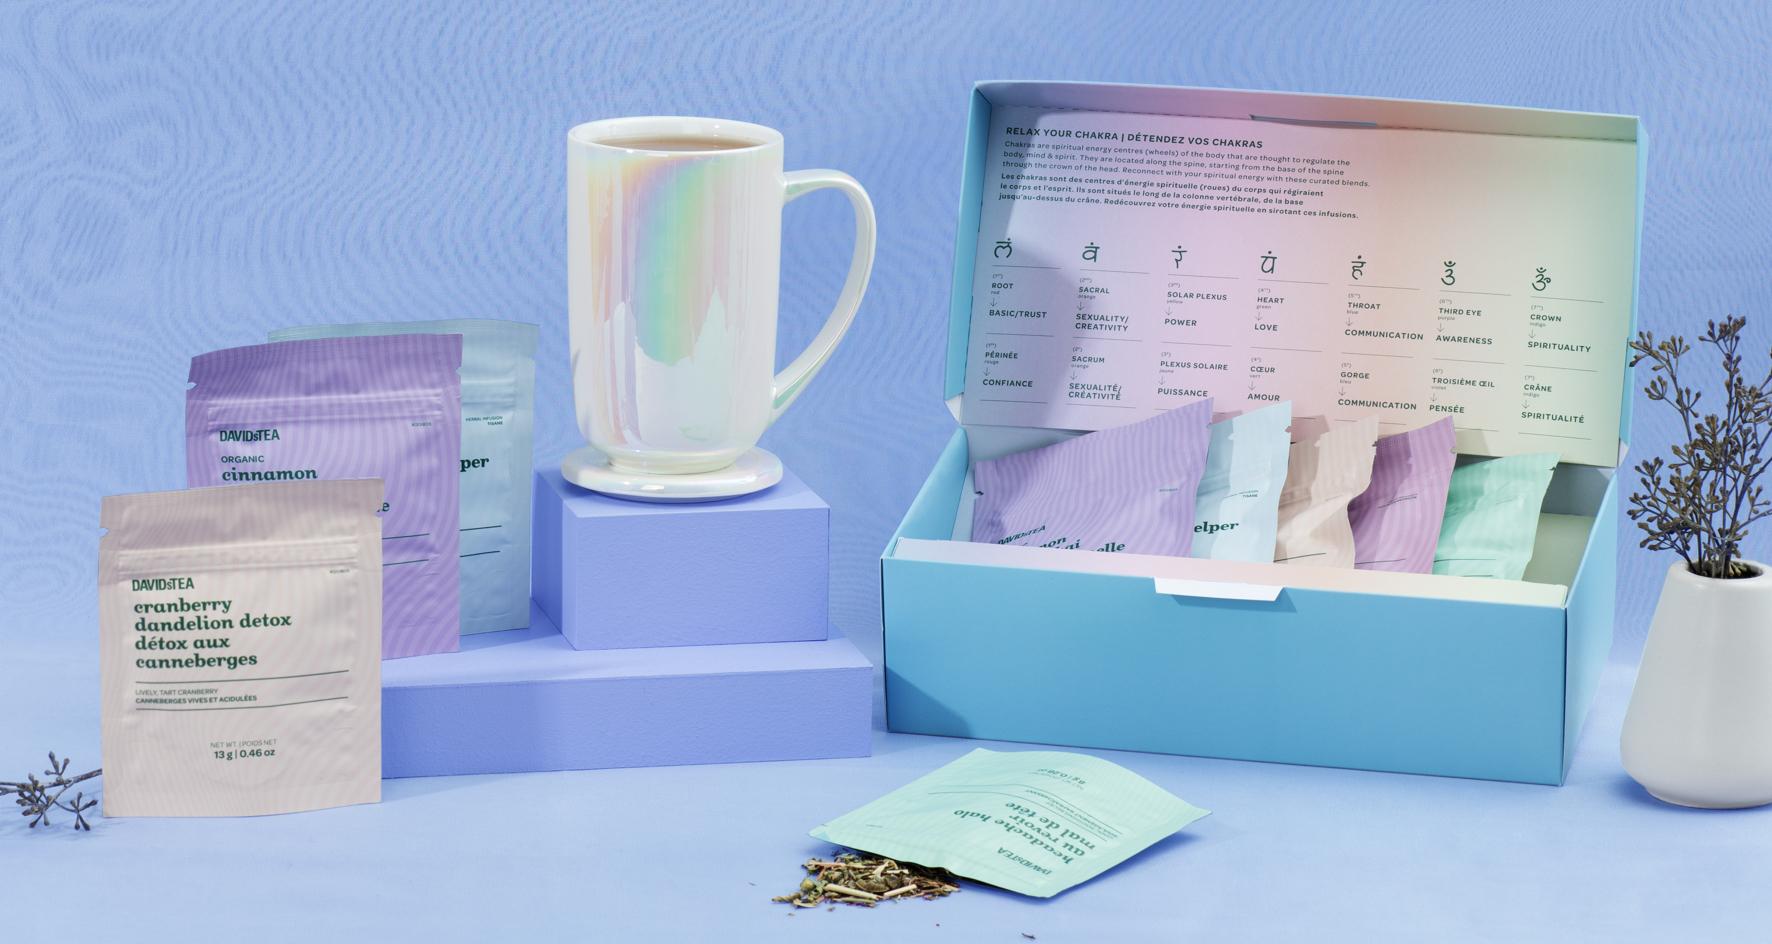 Tasse 16 oz en céramique blanche à fini nacré, ensemble de thés en feuilles ouvert avec 5 thés et infusions ayurvédiques.